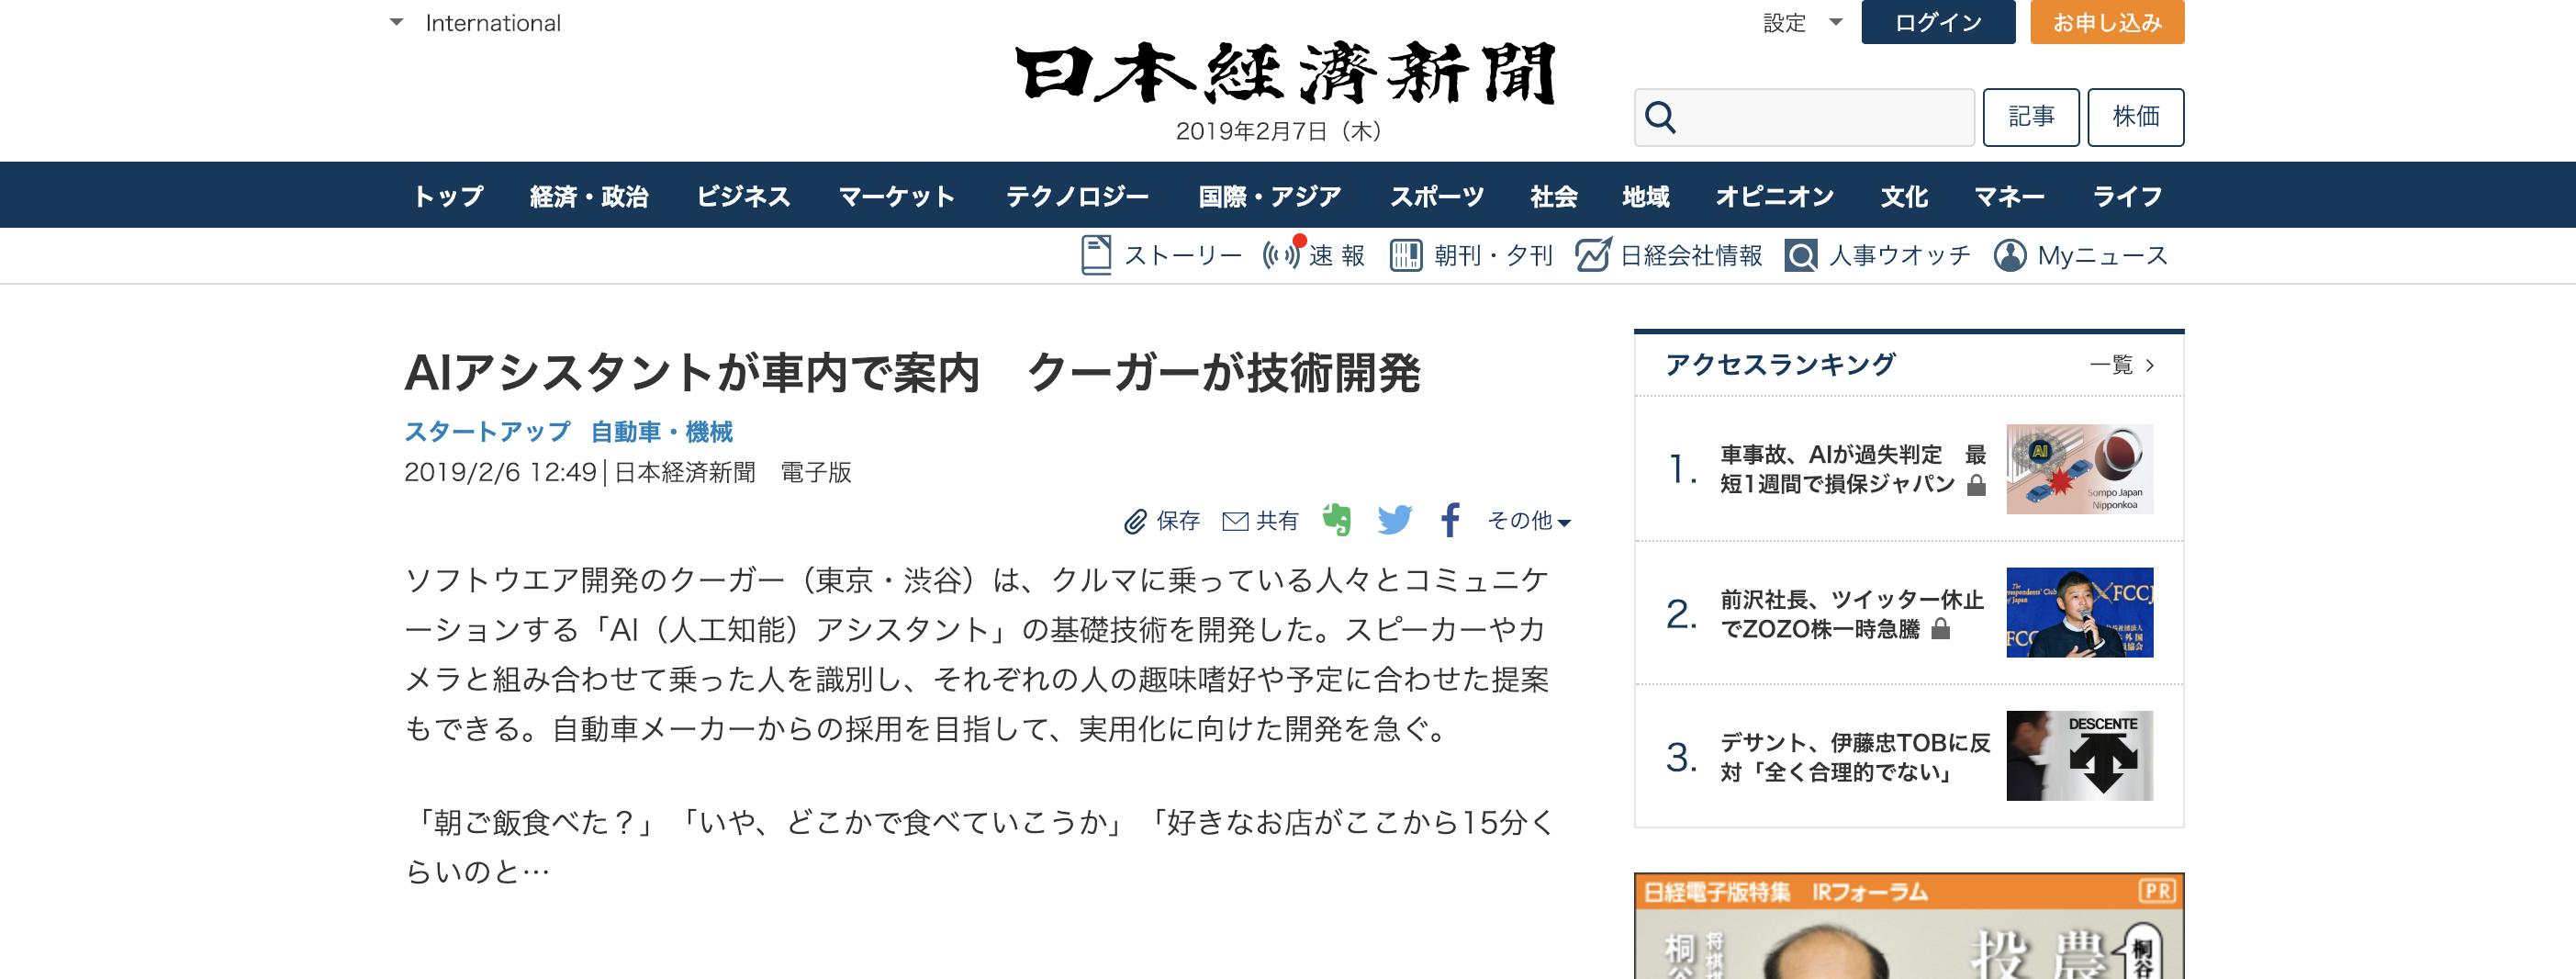 日本経済新聞電子版と日経産業新聞にクーガーの「バーチャルヒューマンエージェント(VHA)」が掲載